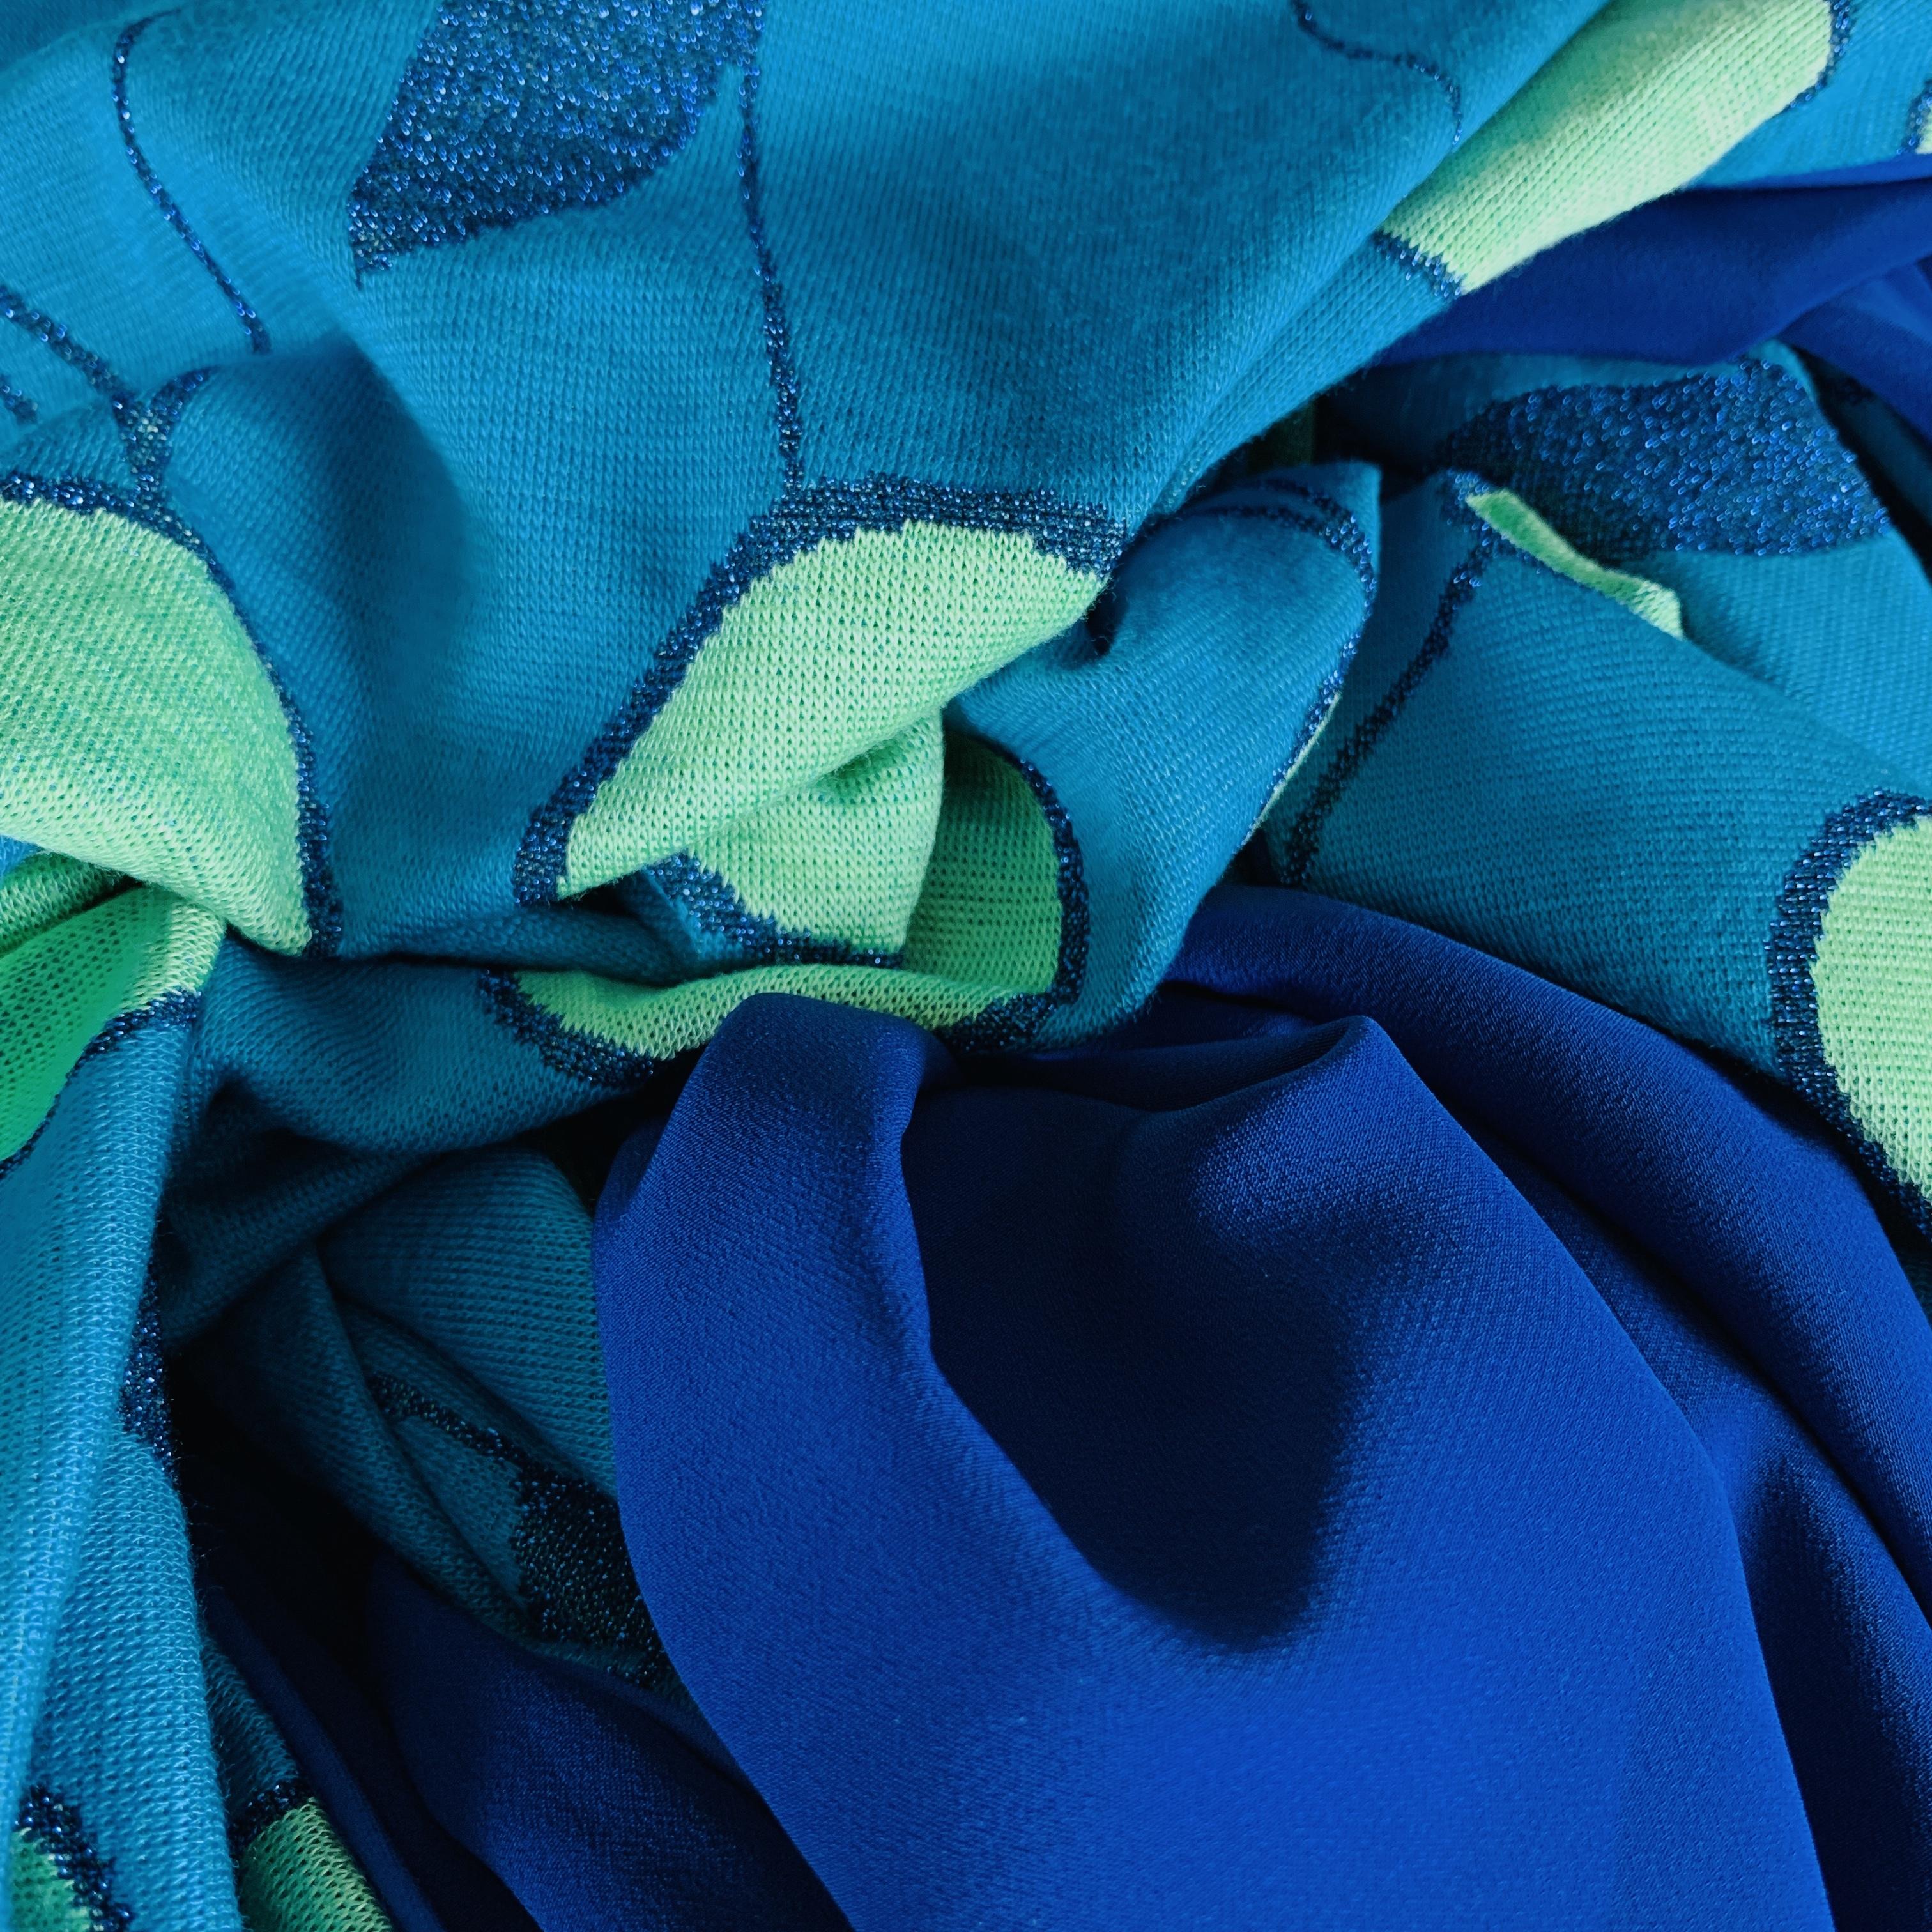 Bleu roi / Turquoise / Vert d'eau